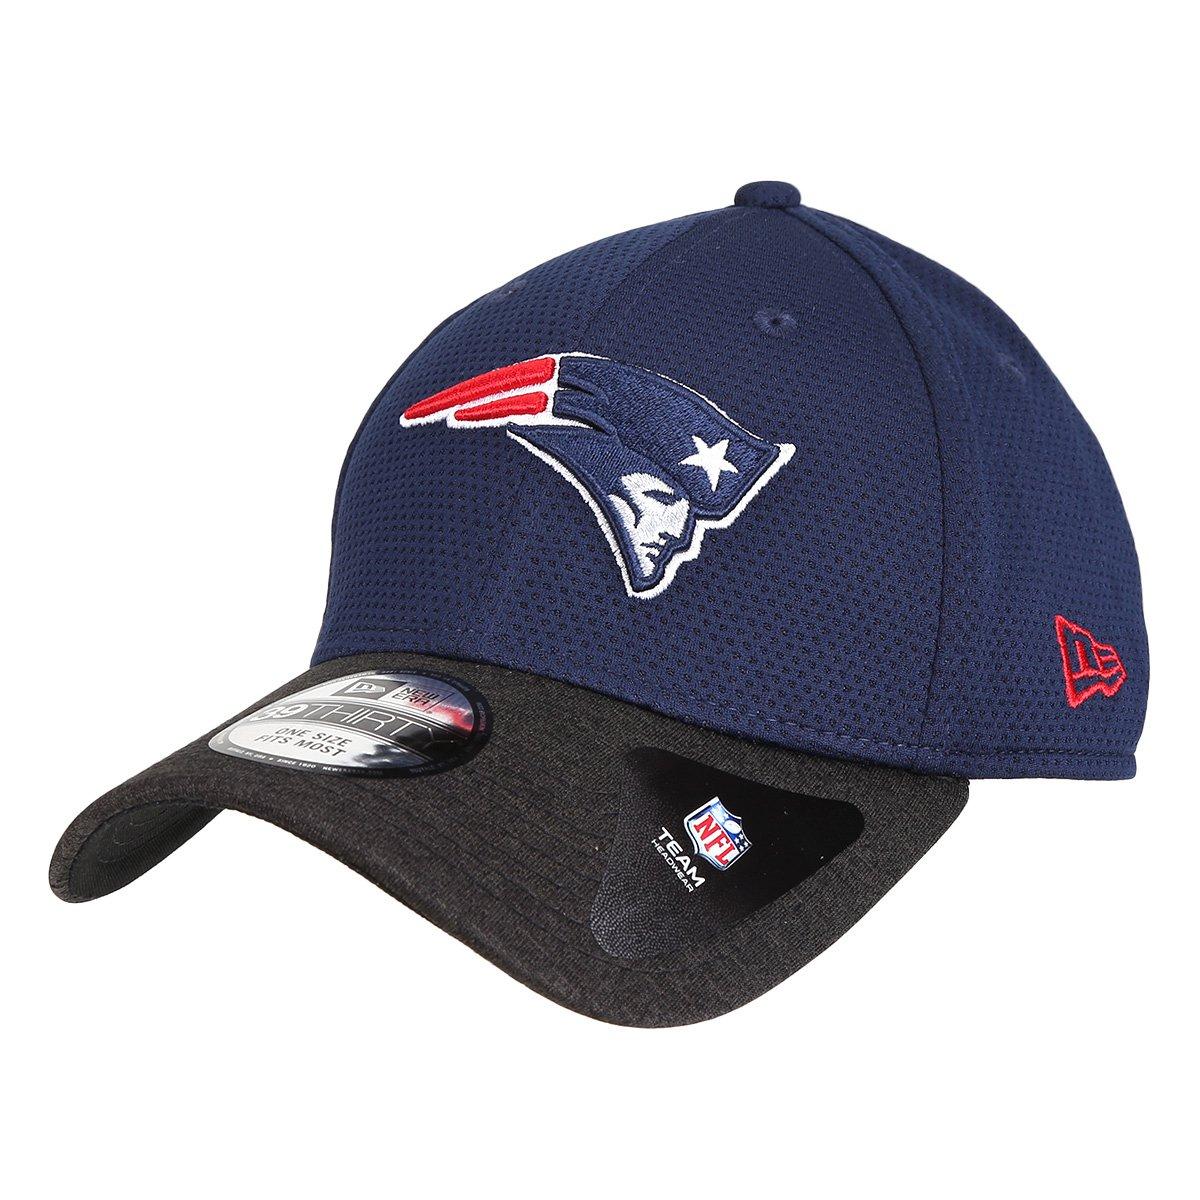 Boné New Era NFL New England Patriots Aba Curva 3930 - Compre Agora ... 04ef672ac83